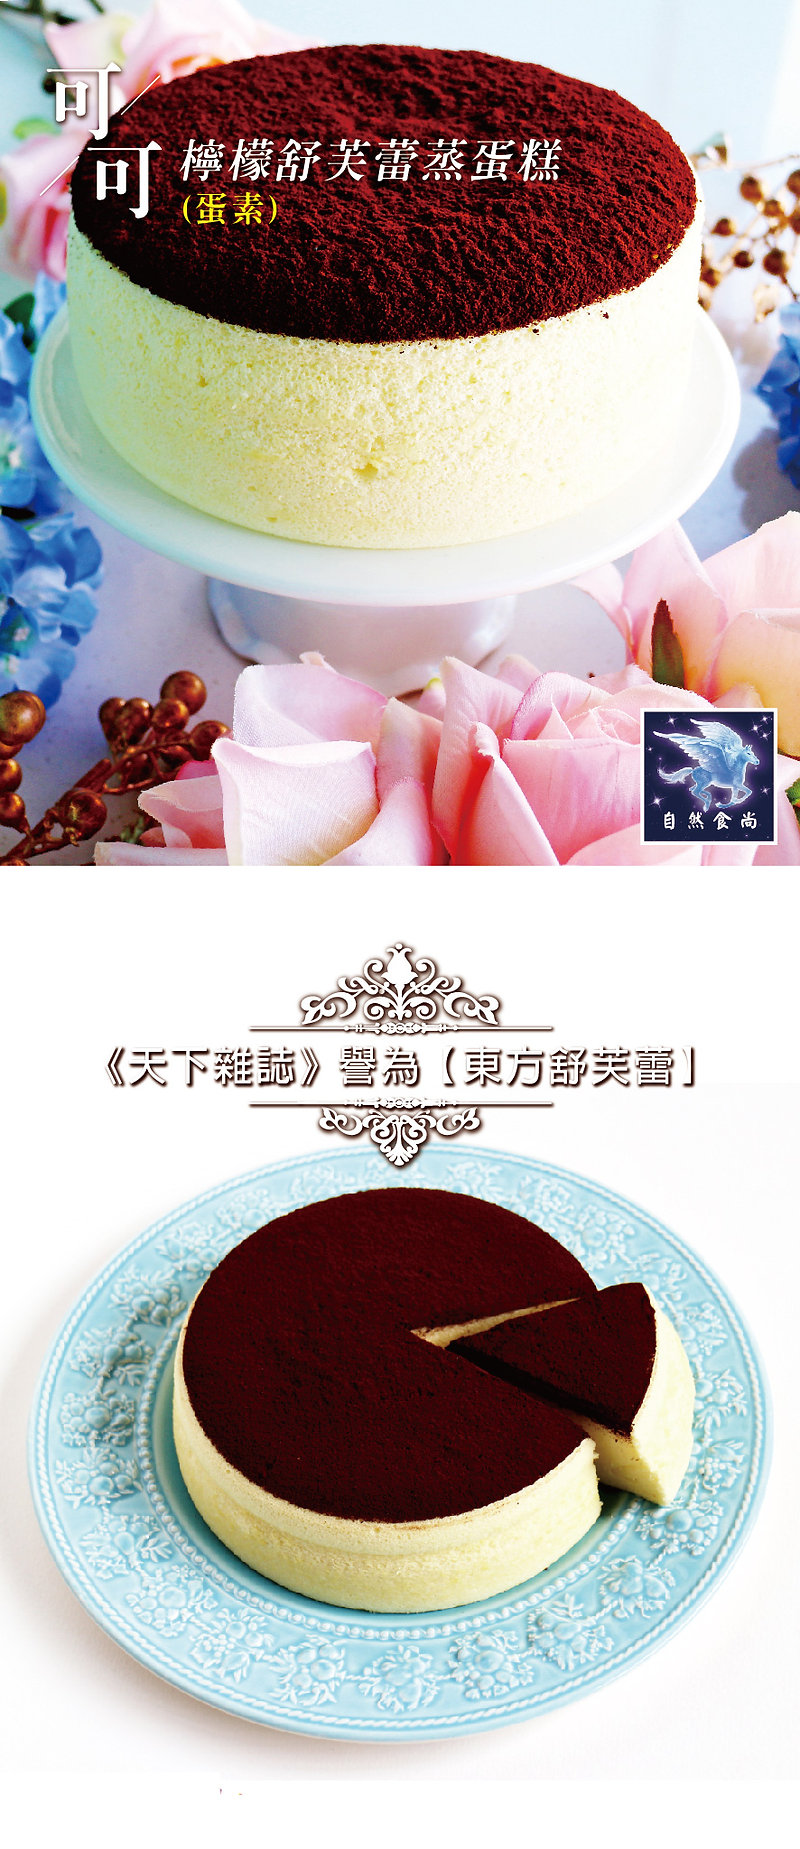 東方舒芙蕾-可可檸檬-01.jpg